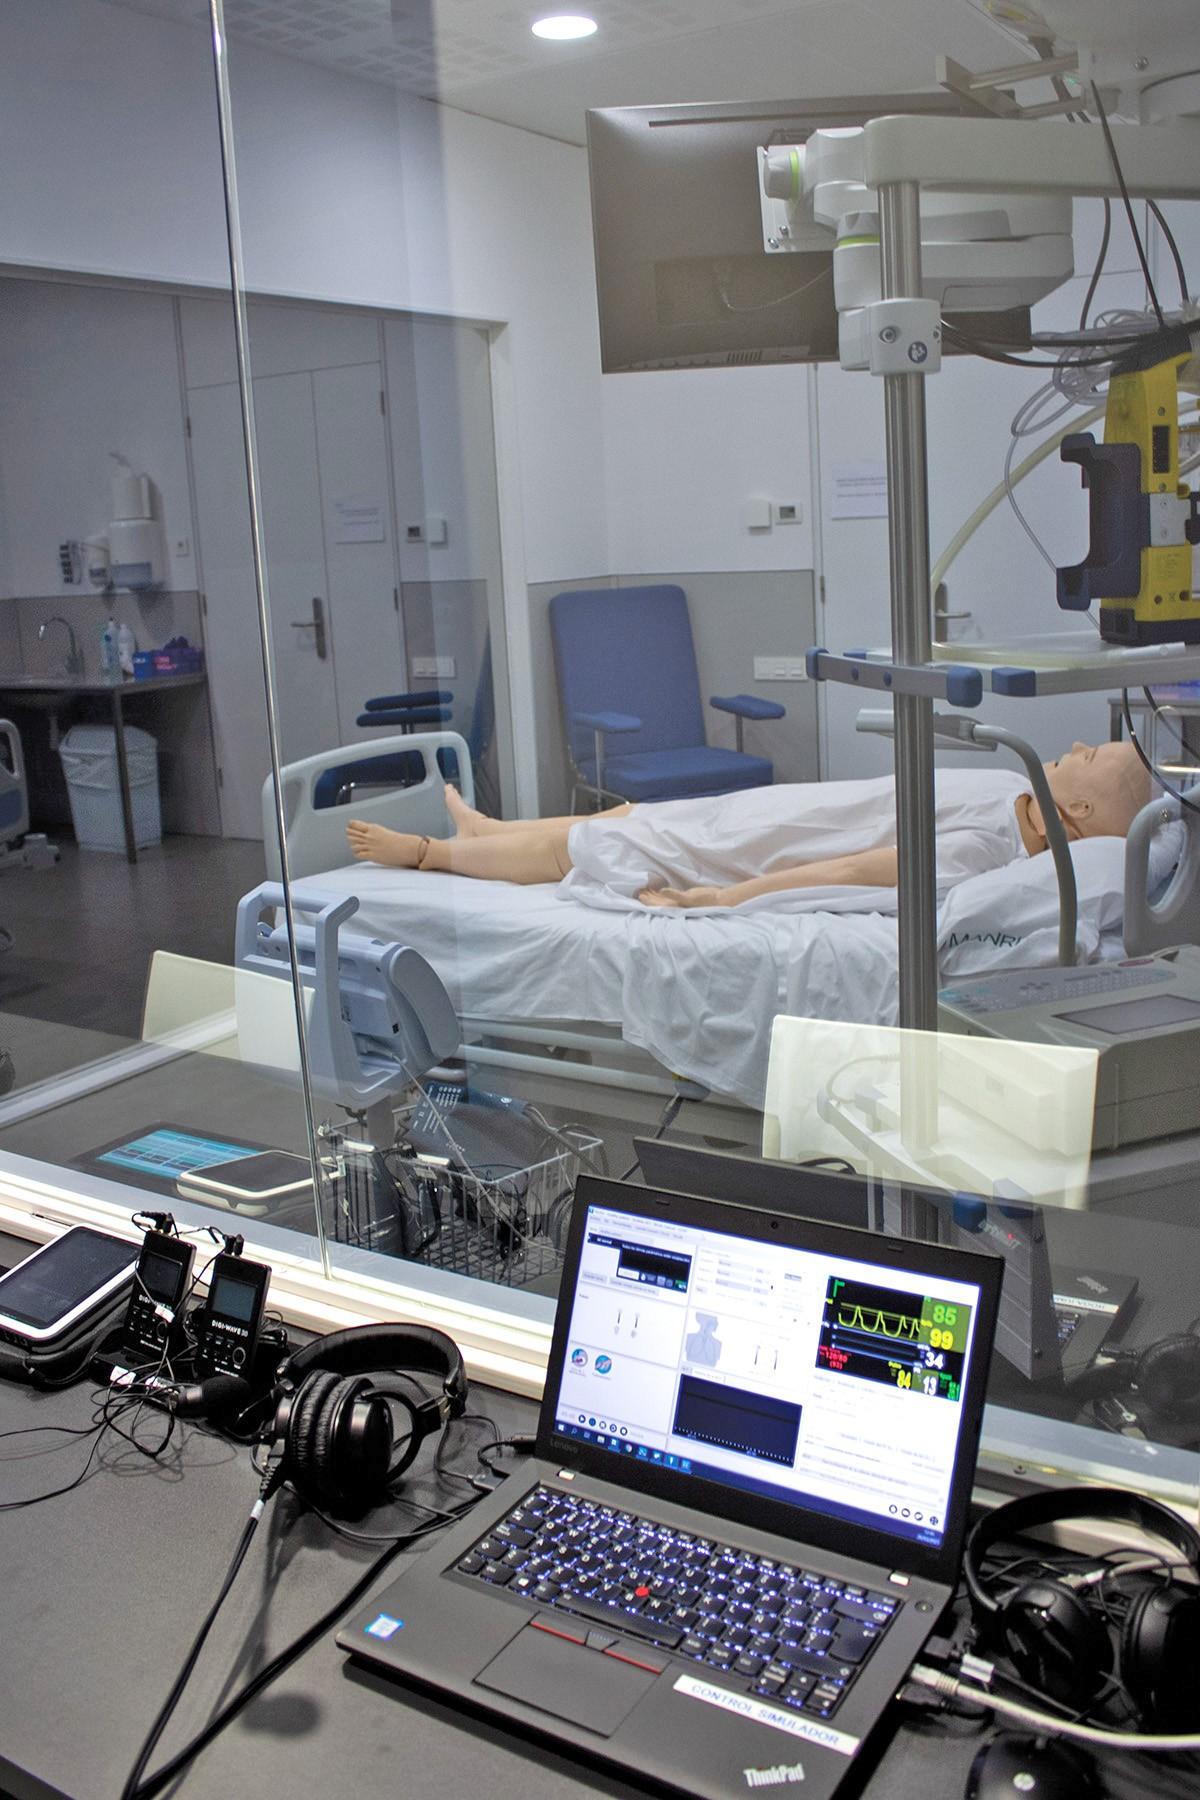 Sala de simulació i pràctiques de la Clínica Universitària de la FUB.